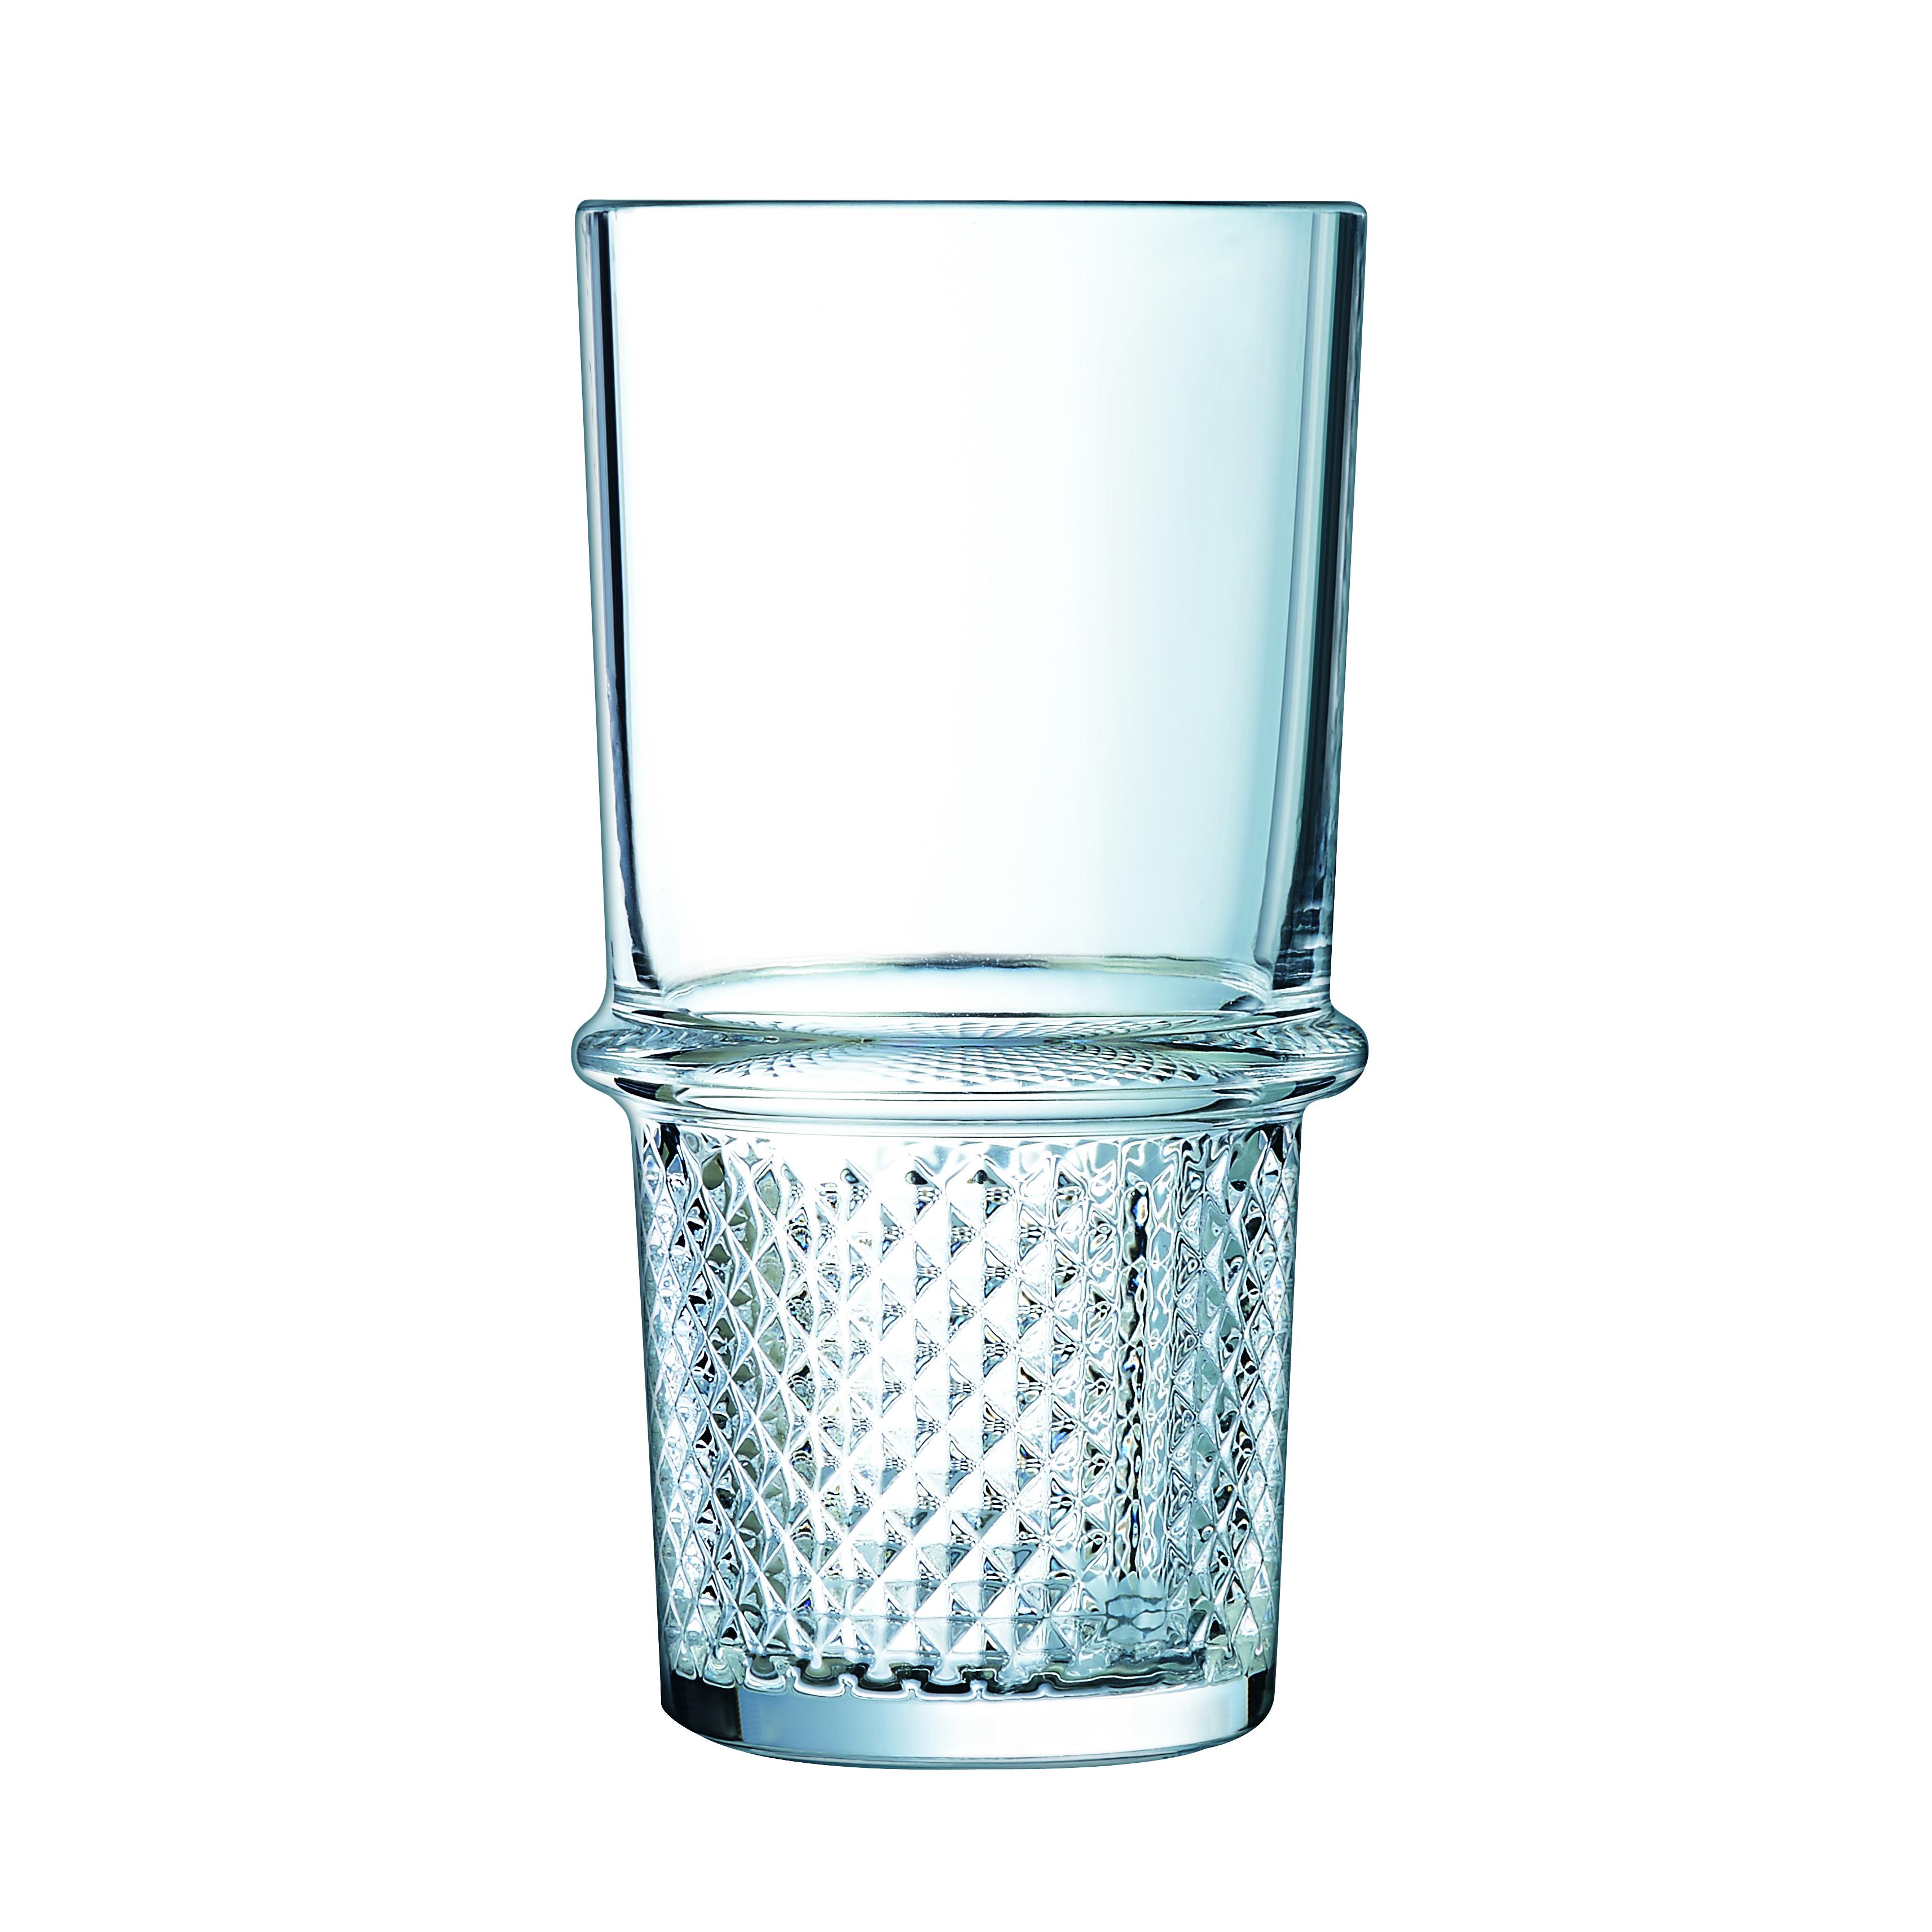 Cardinal L7335 glass, hi ball